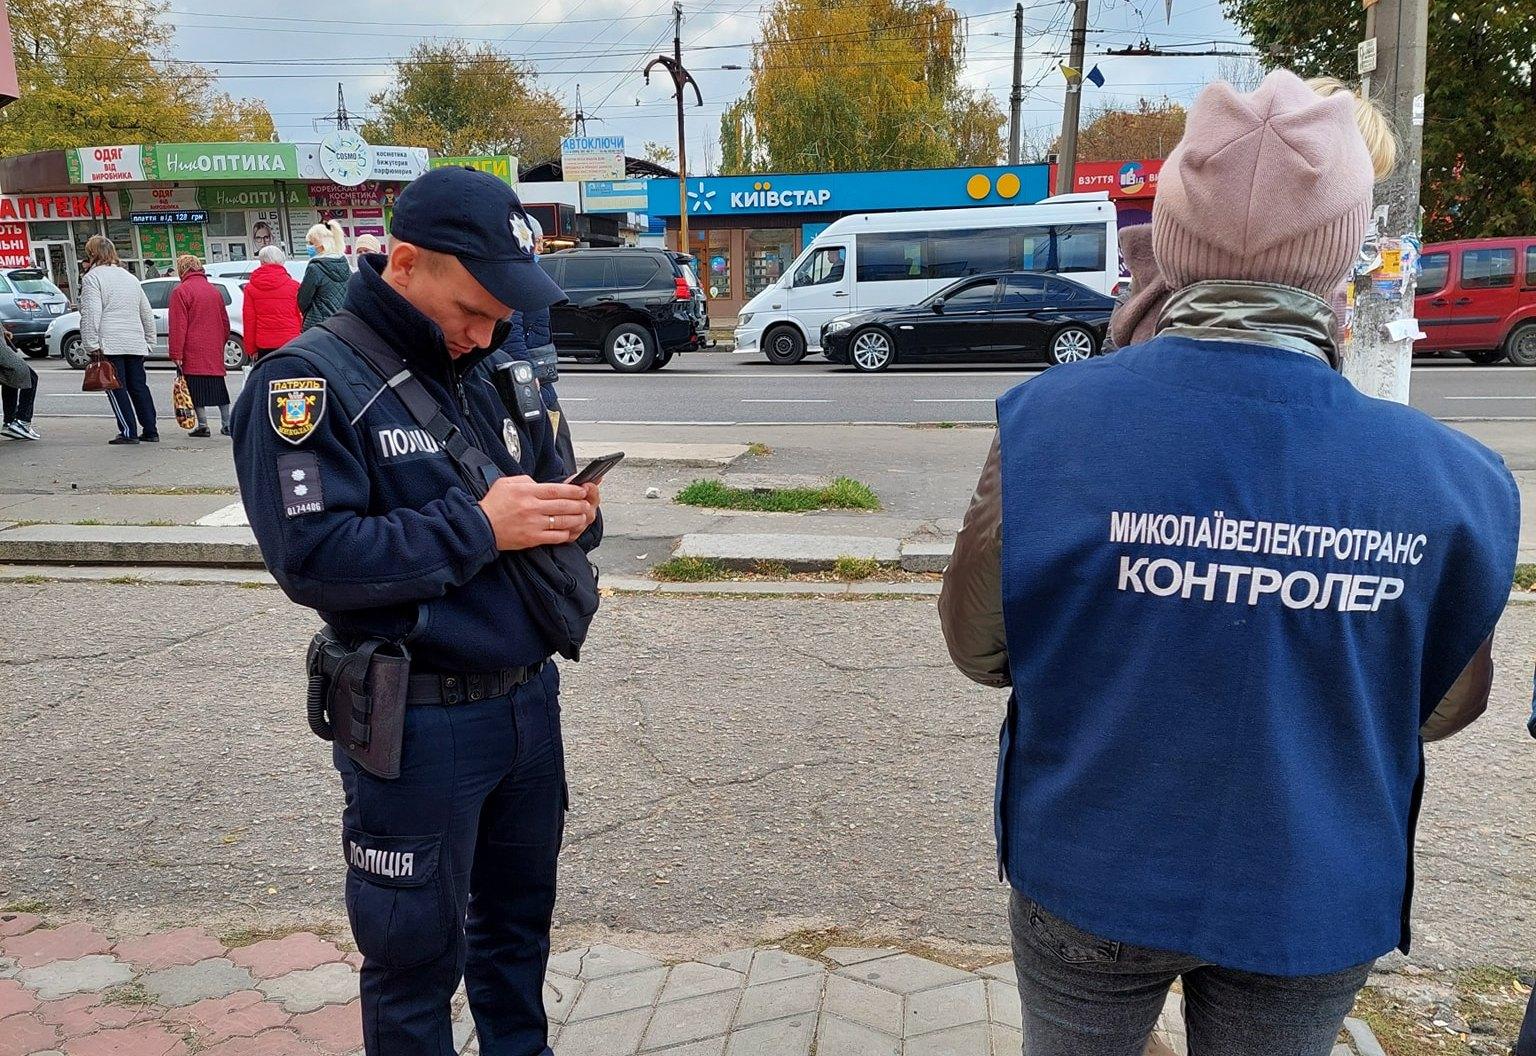 В Николаеве напали на контролеров «Николаевэлектротранс» - один госпитализирован (ФОТО) 3